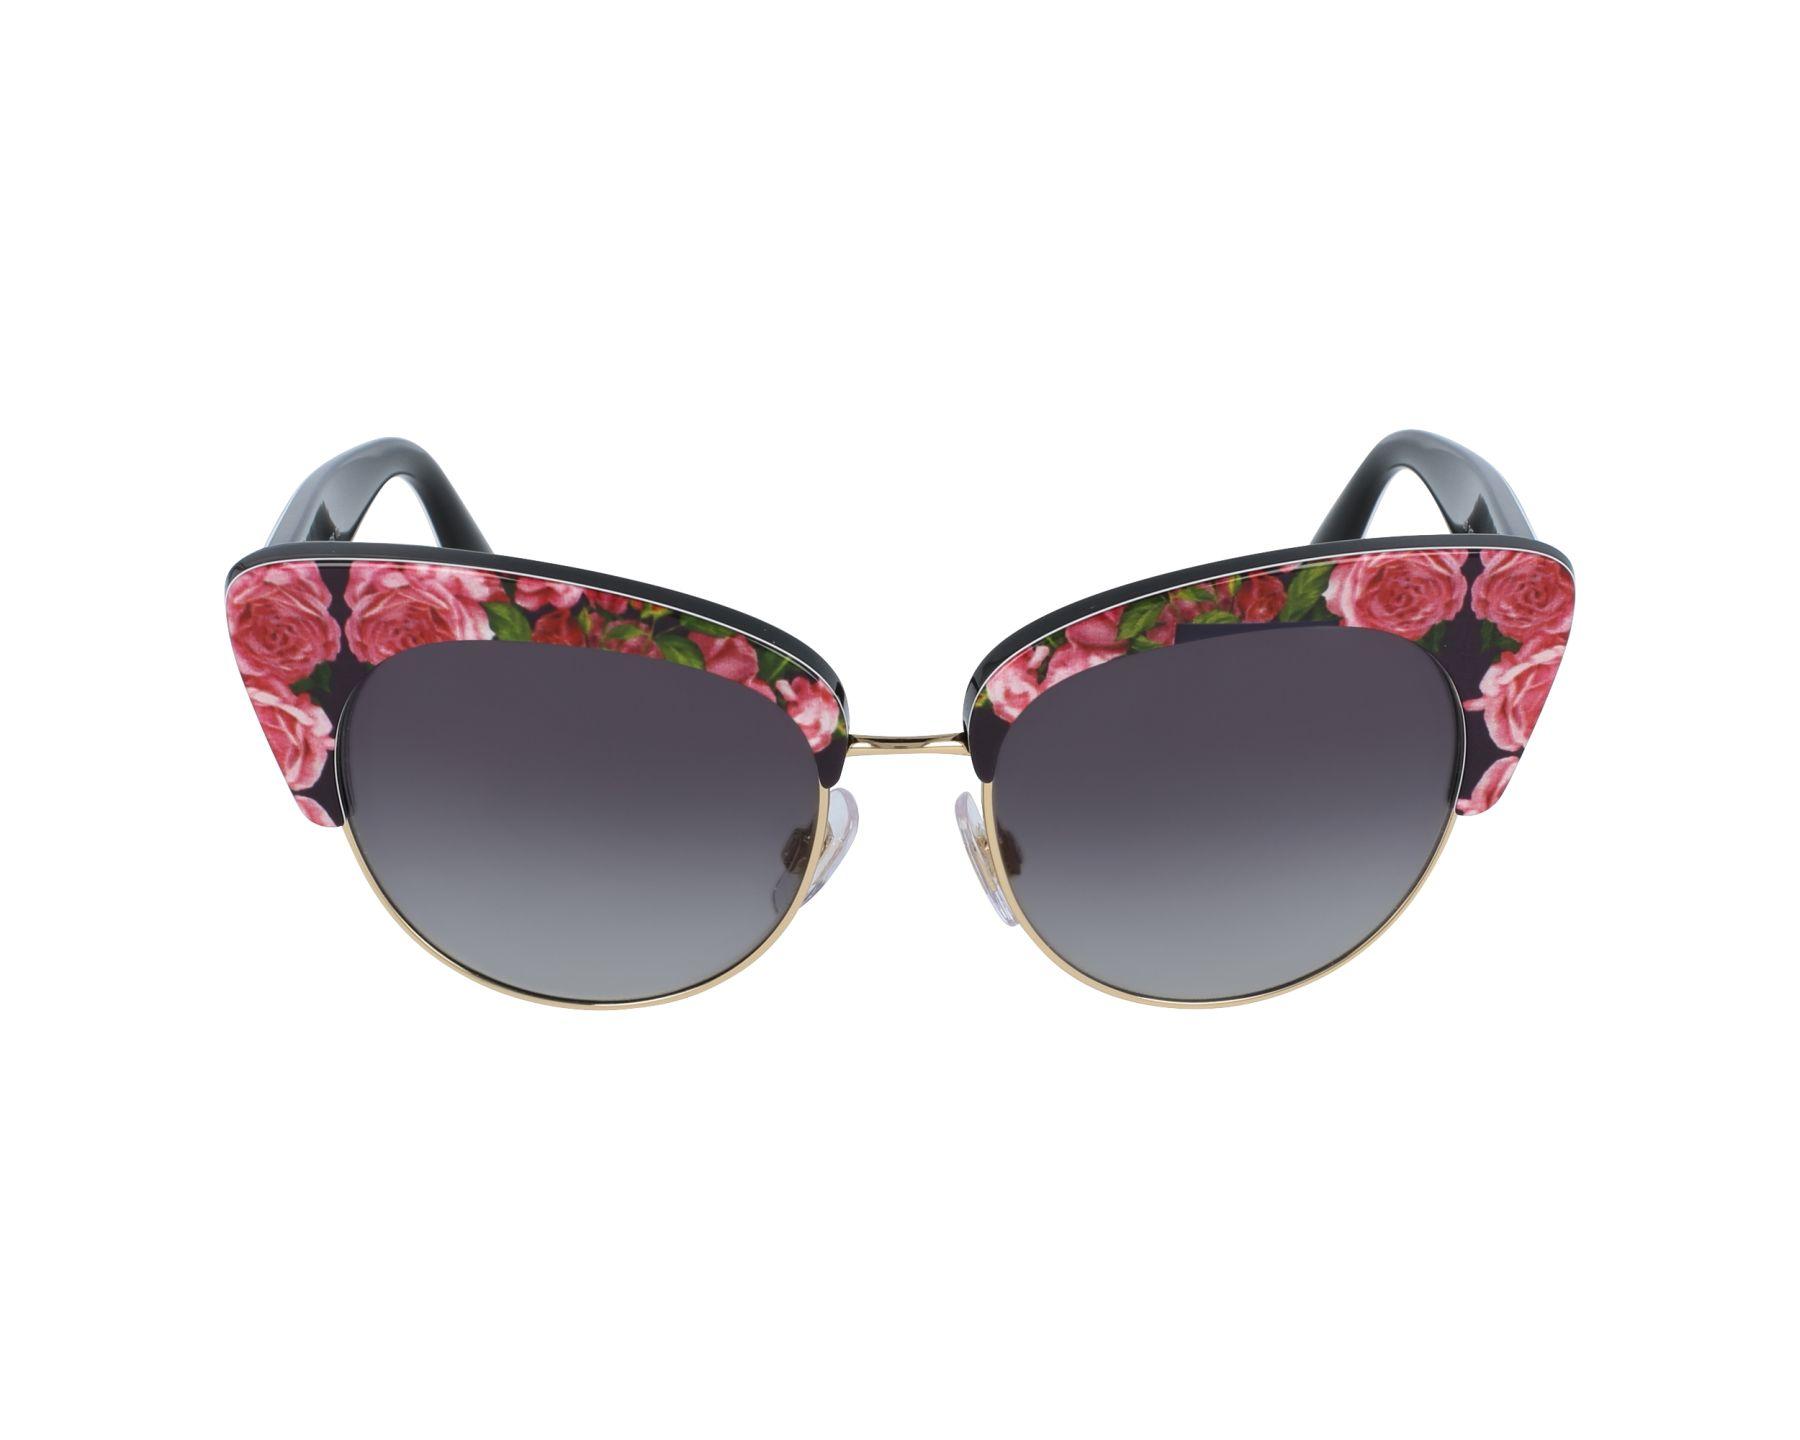 Dolce & Gabbana DG4277 31278G 52-17 ocYaO